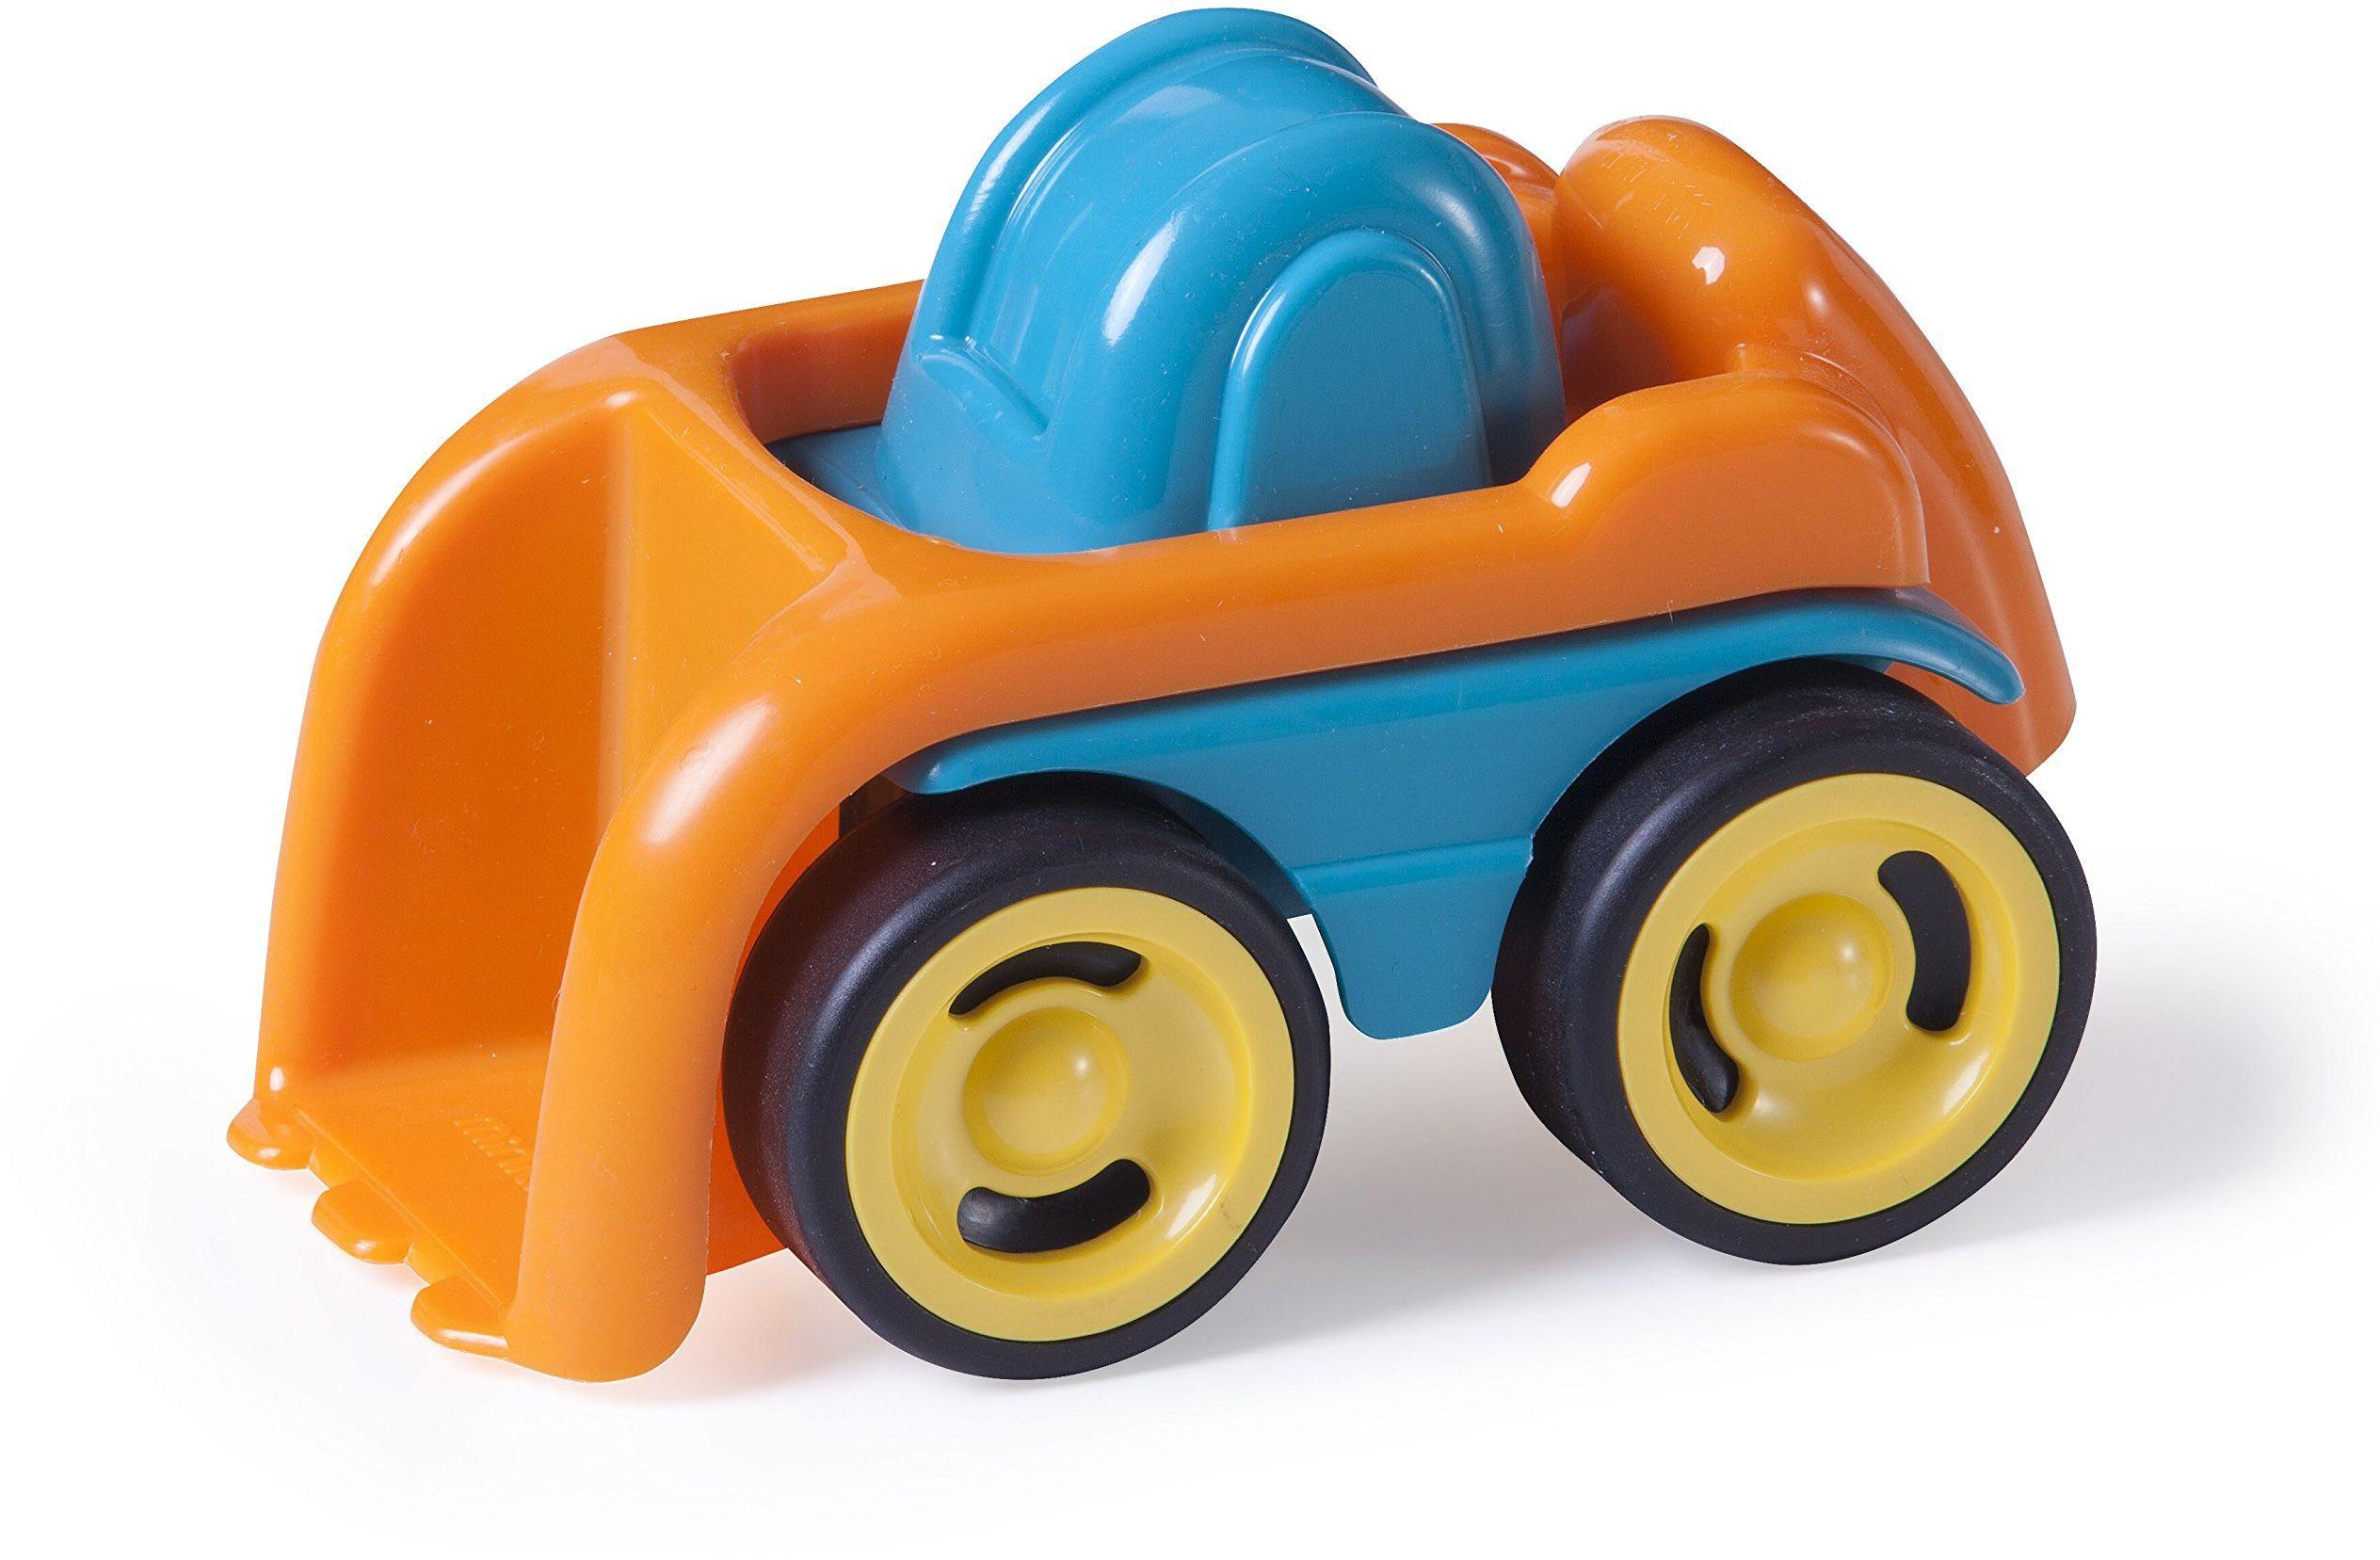 Miniland 45142 Minimobil wywrotka do wywrotków, wielokolorowa